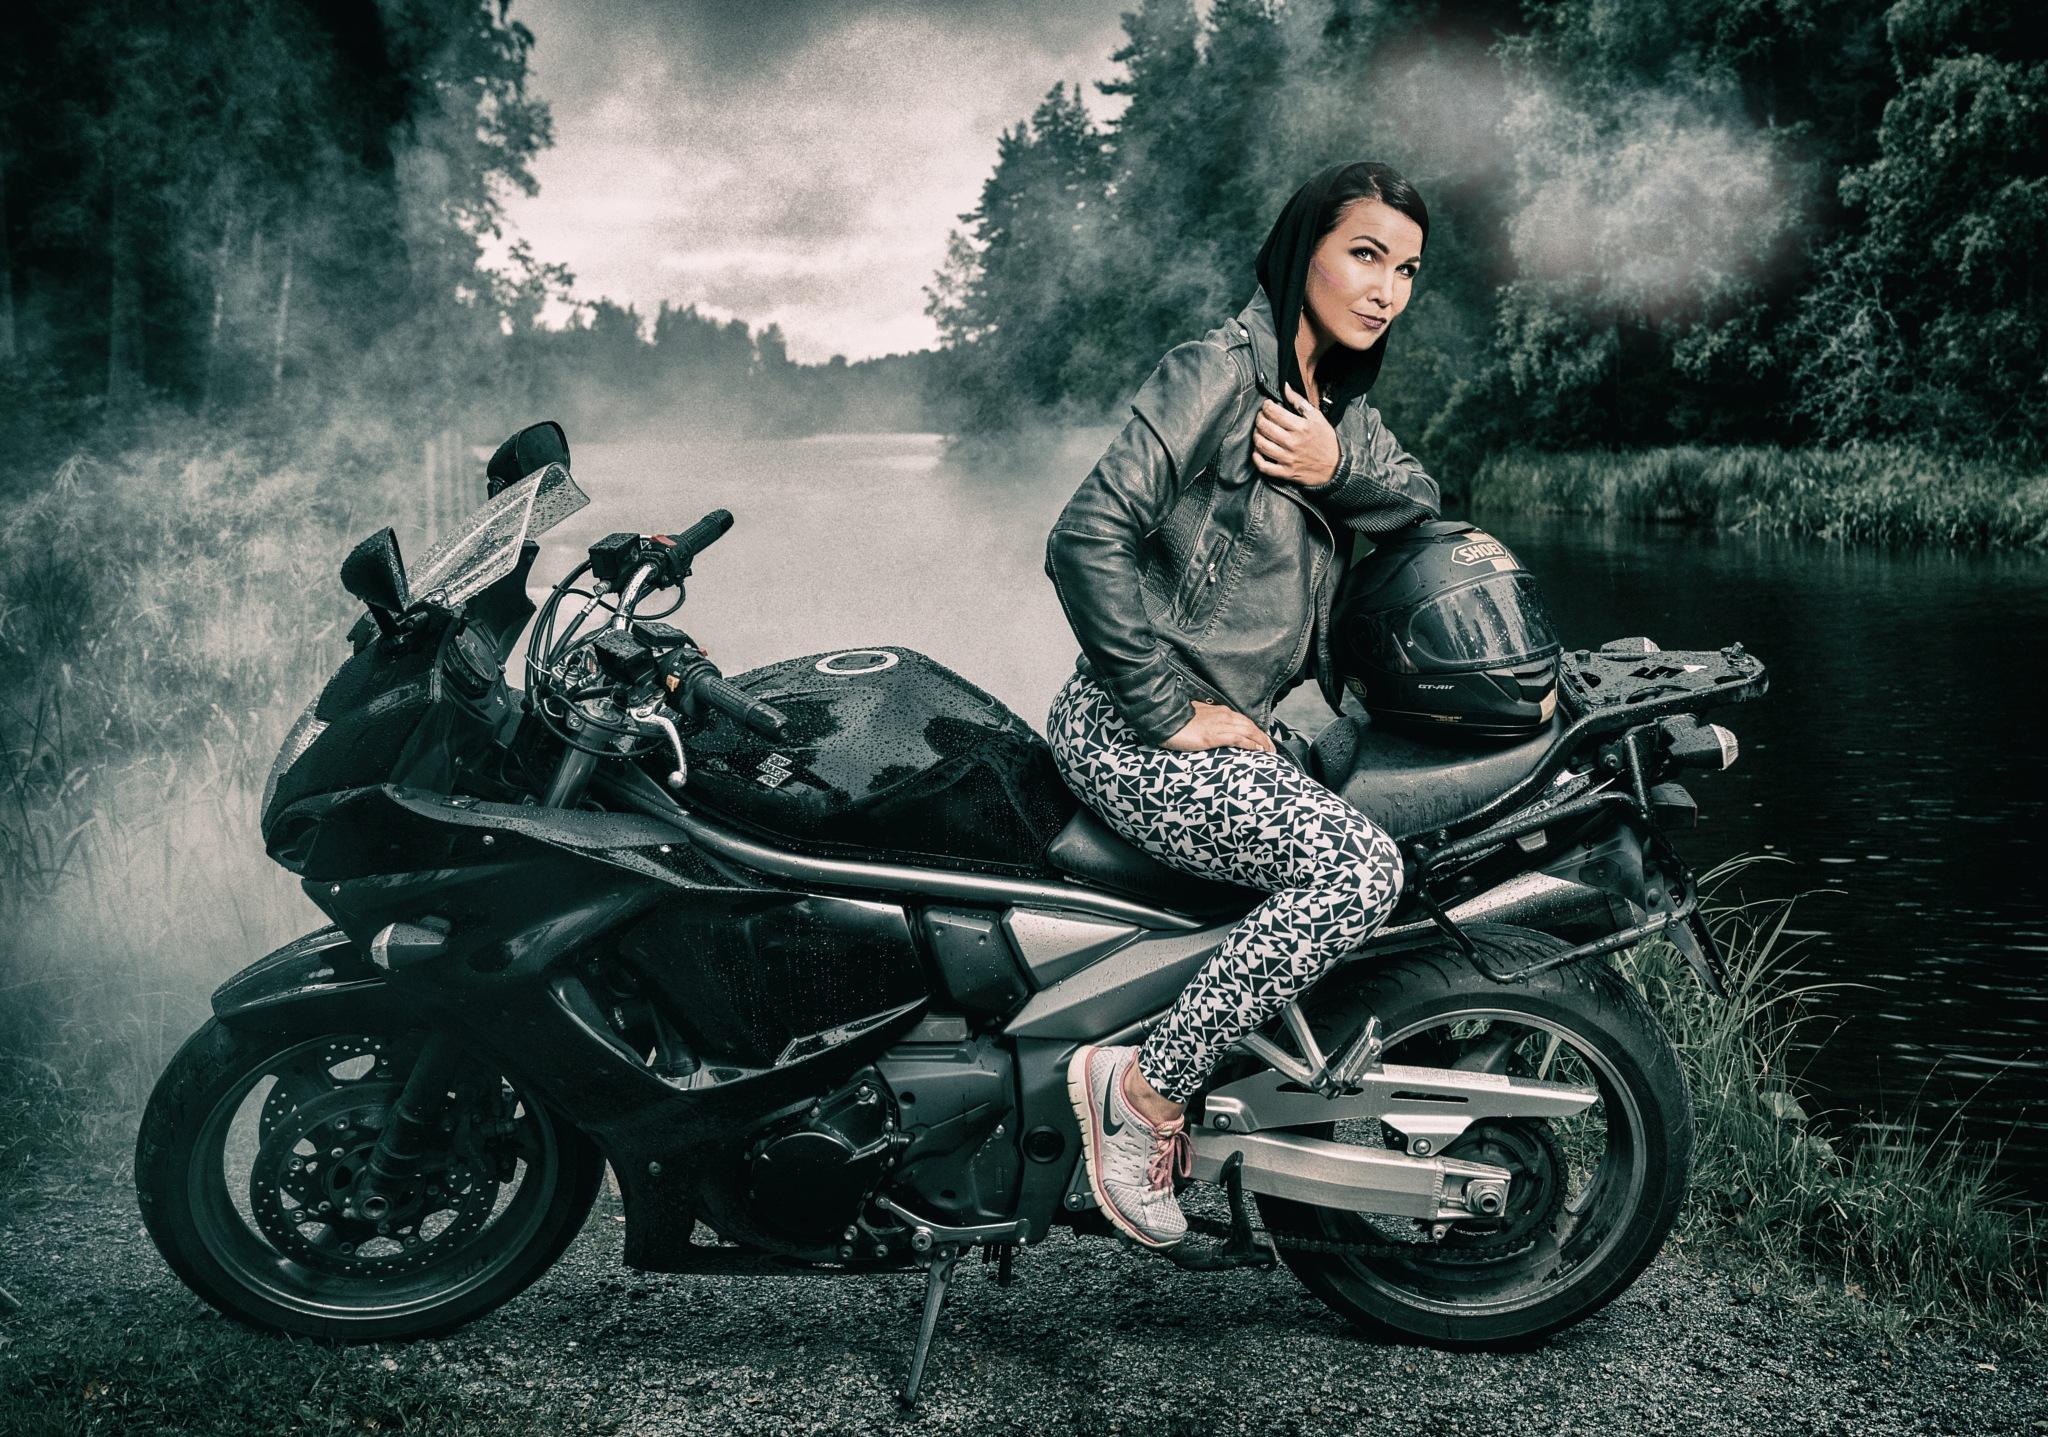 The biker by Veli-Matti Launio